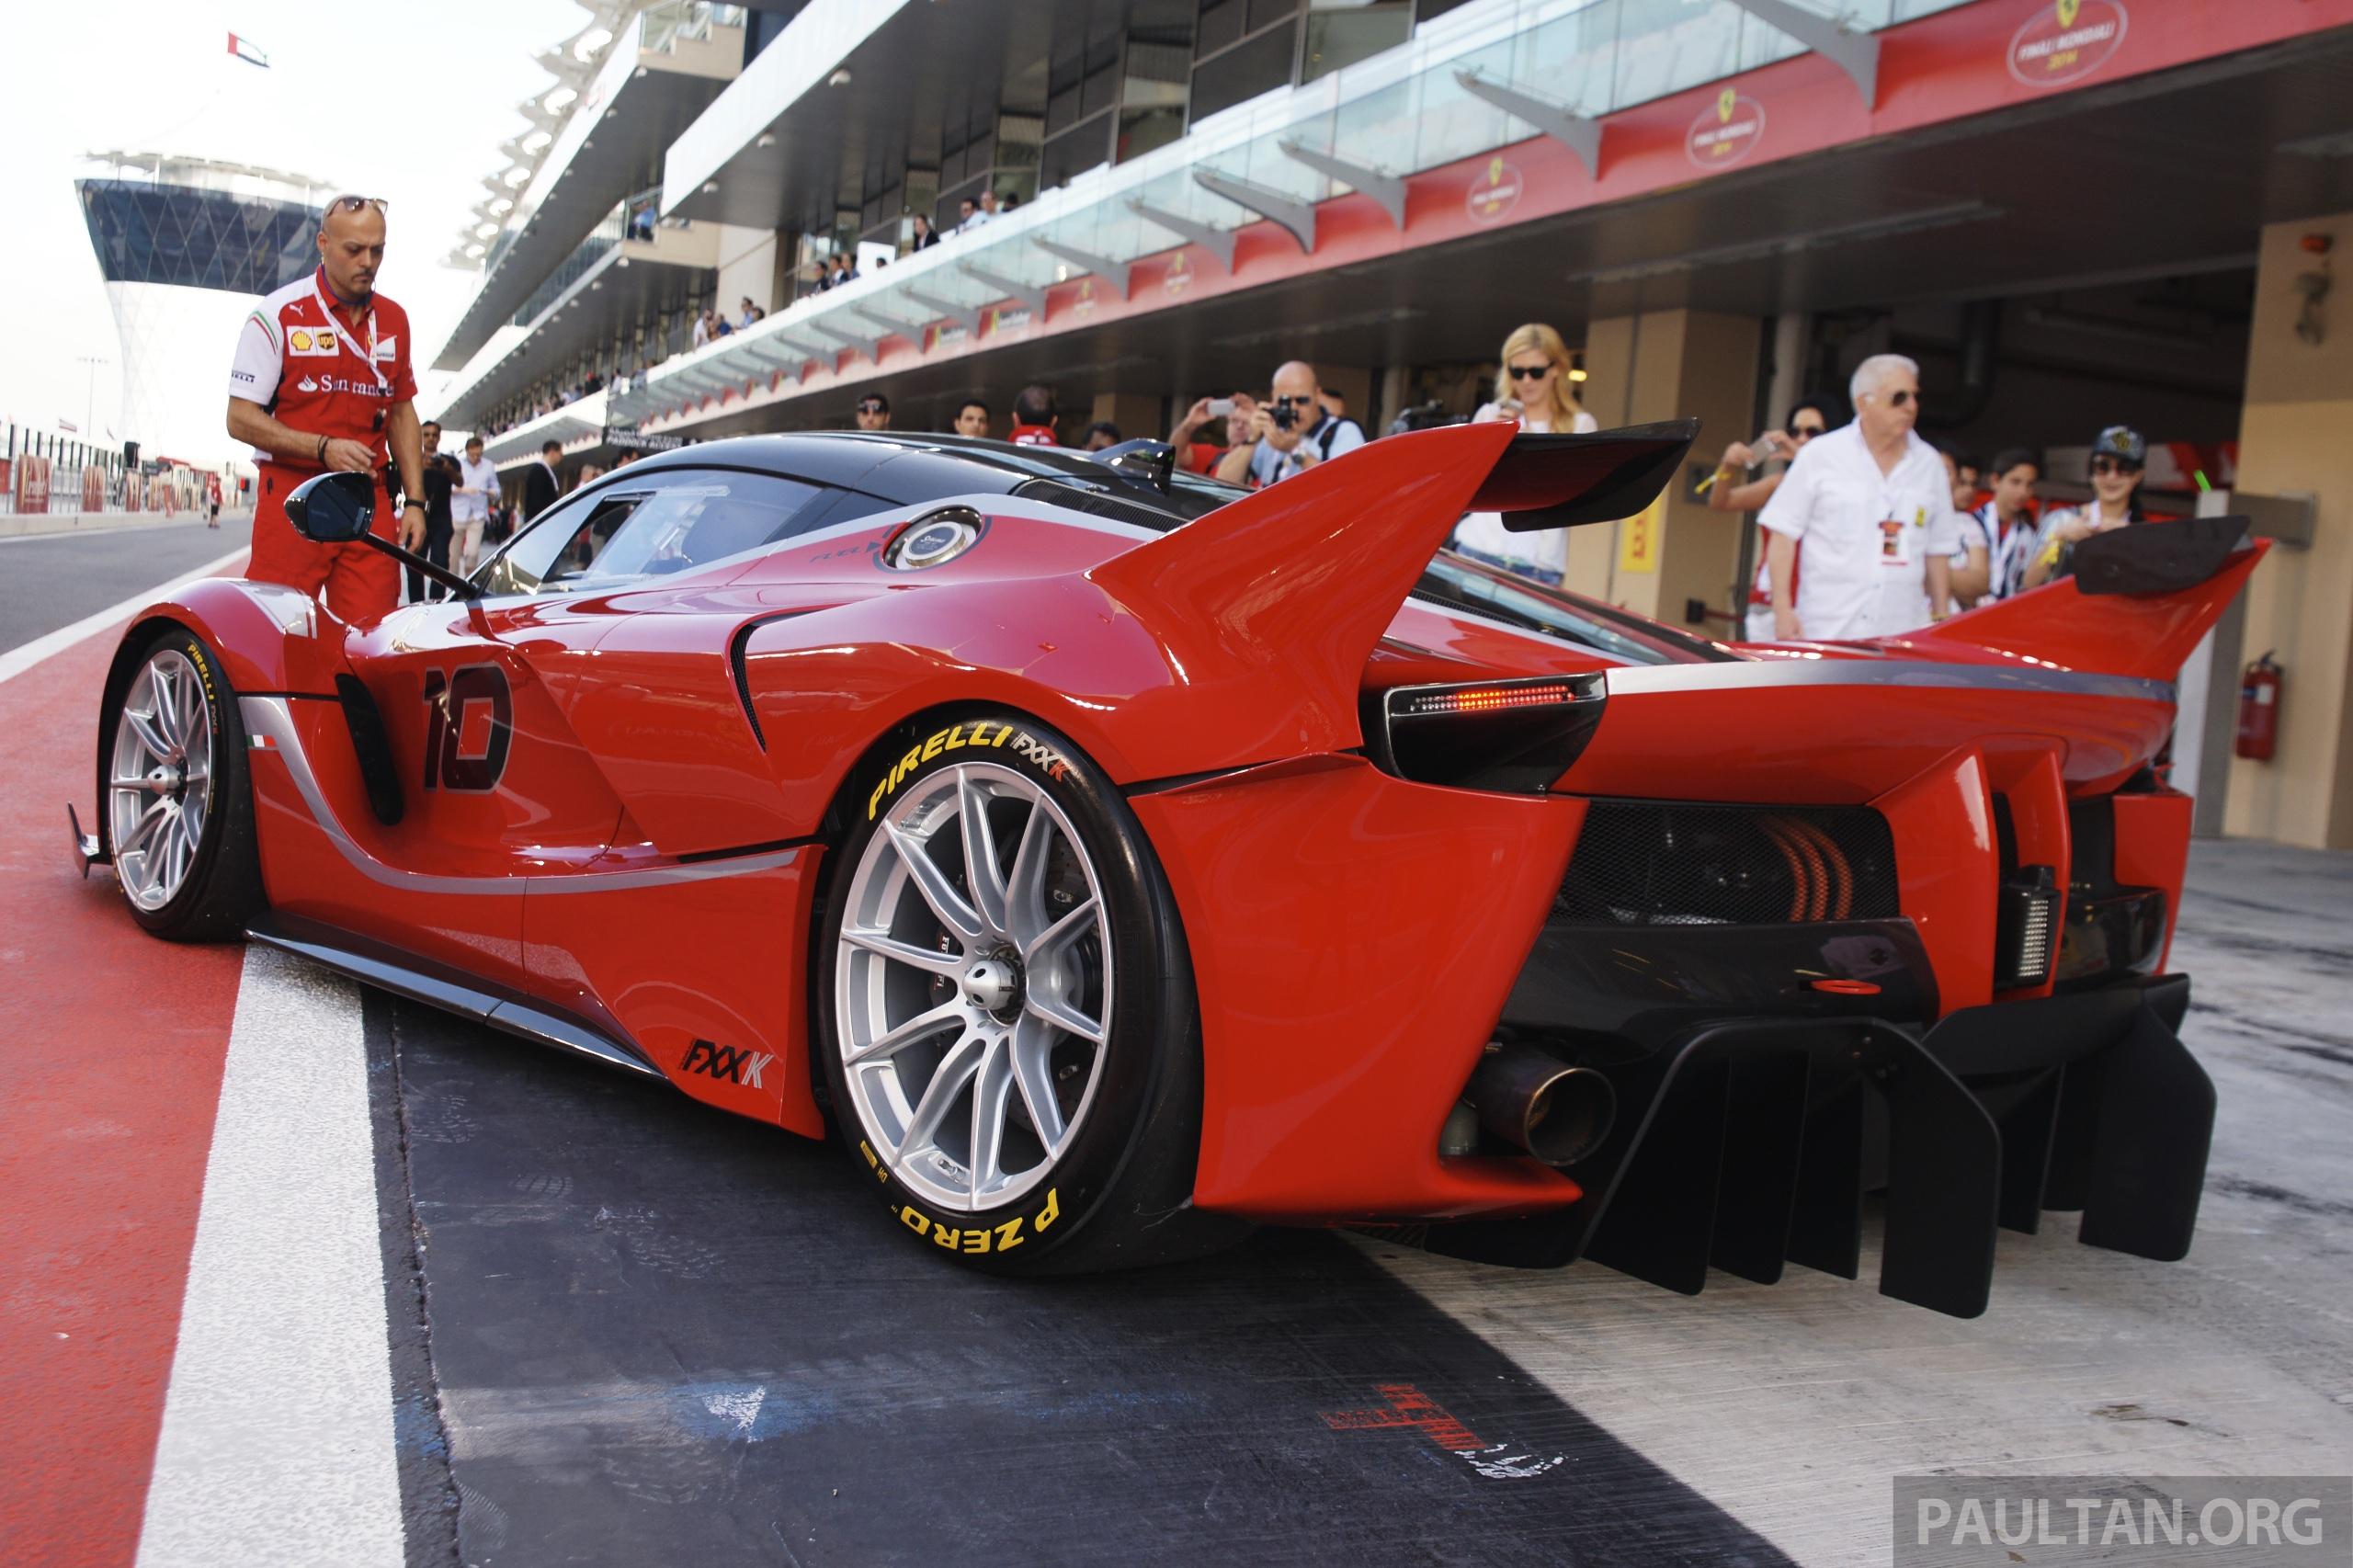 Yas Marina Circuit >> GALLERY: 1,050 hp Ferrari FXX K at Yas Marina Circuit Paul Tan - Image 294189